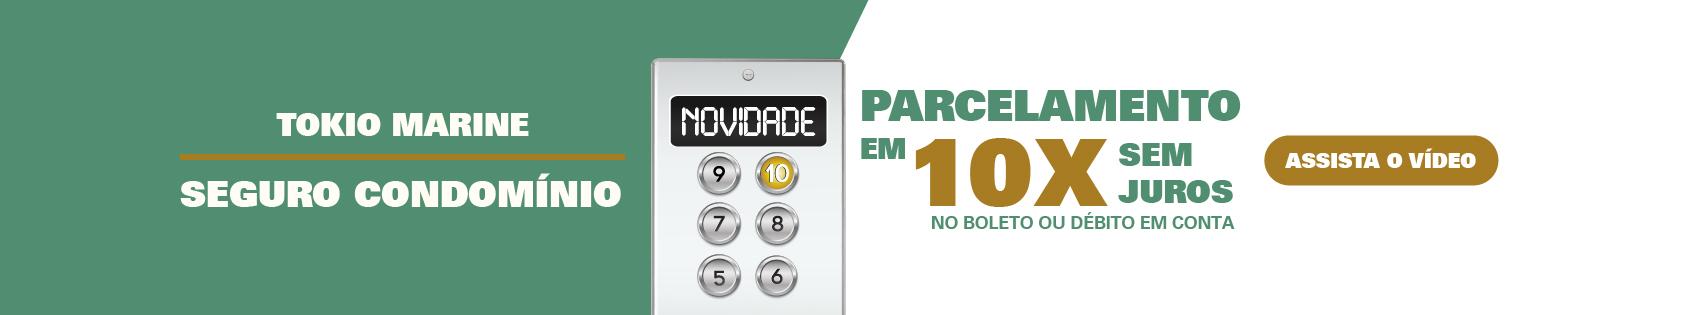 forma-pagamento-condominio-banner-07012020v1